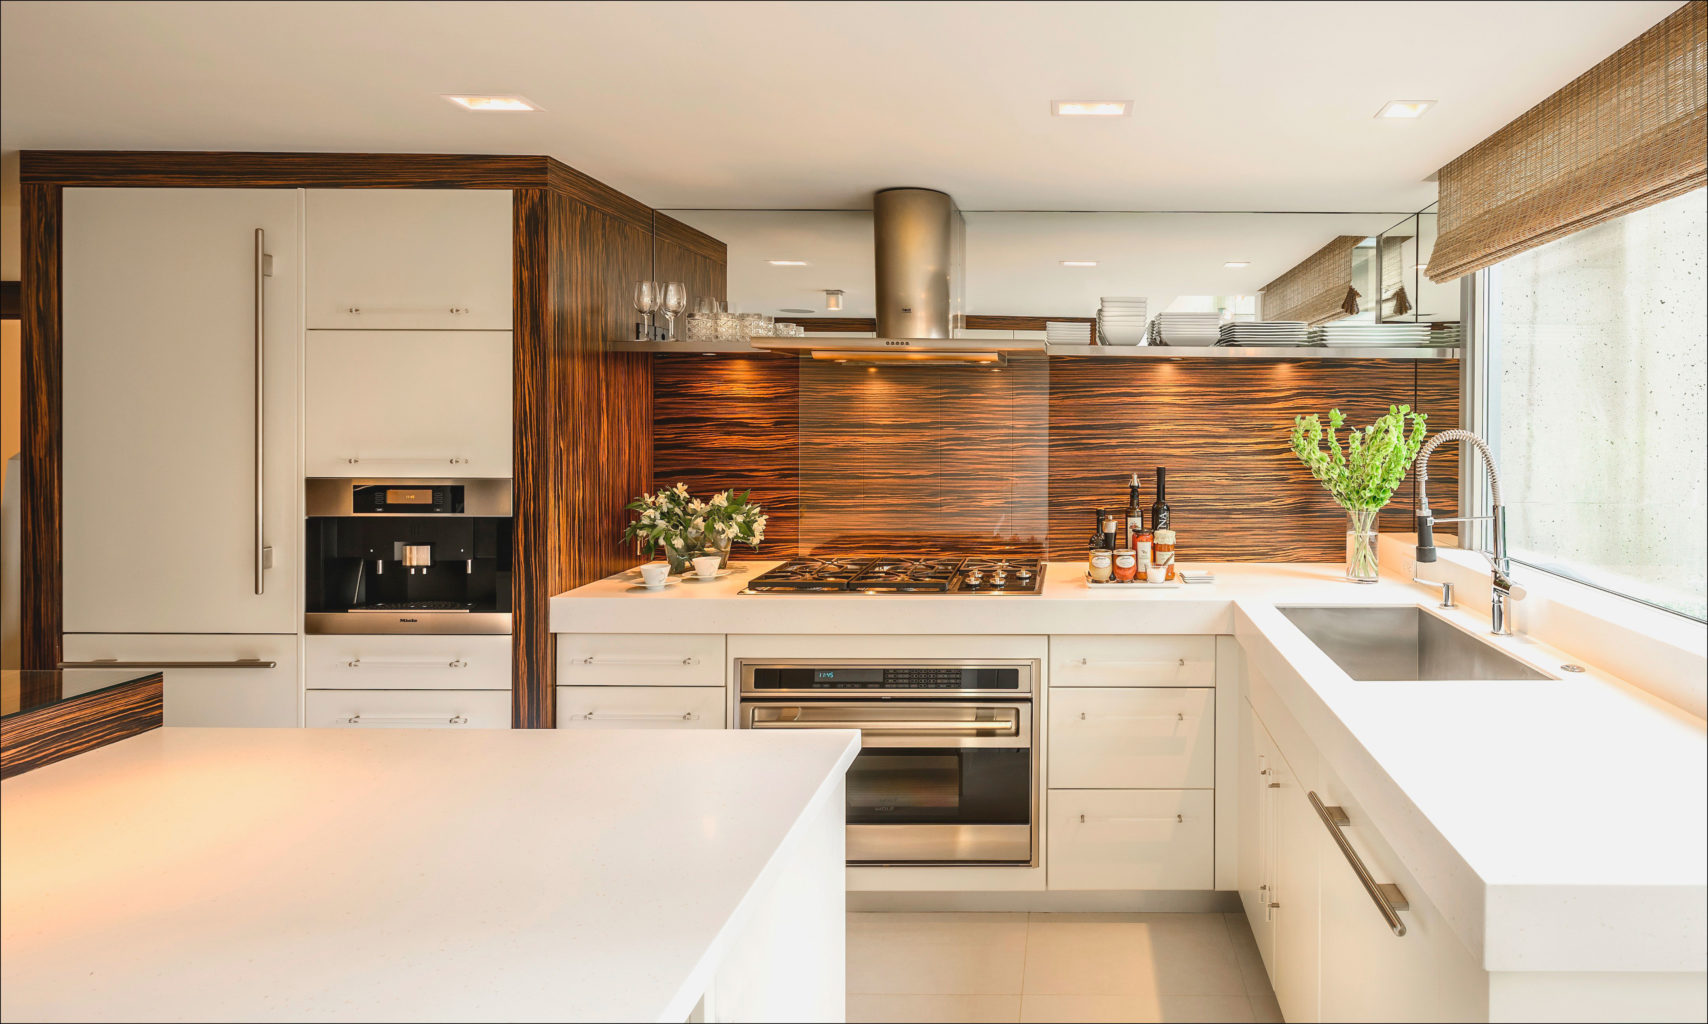 Шикарная кухня с макассарским деревом